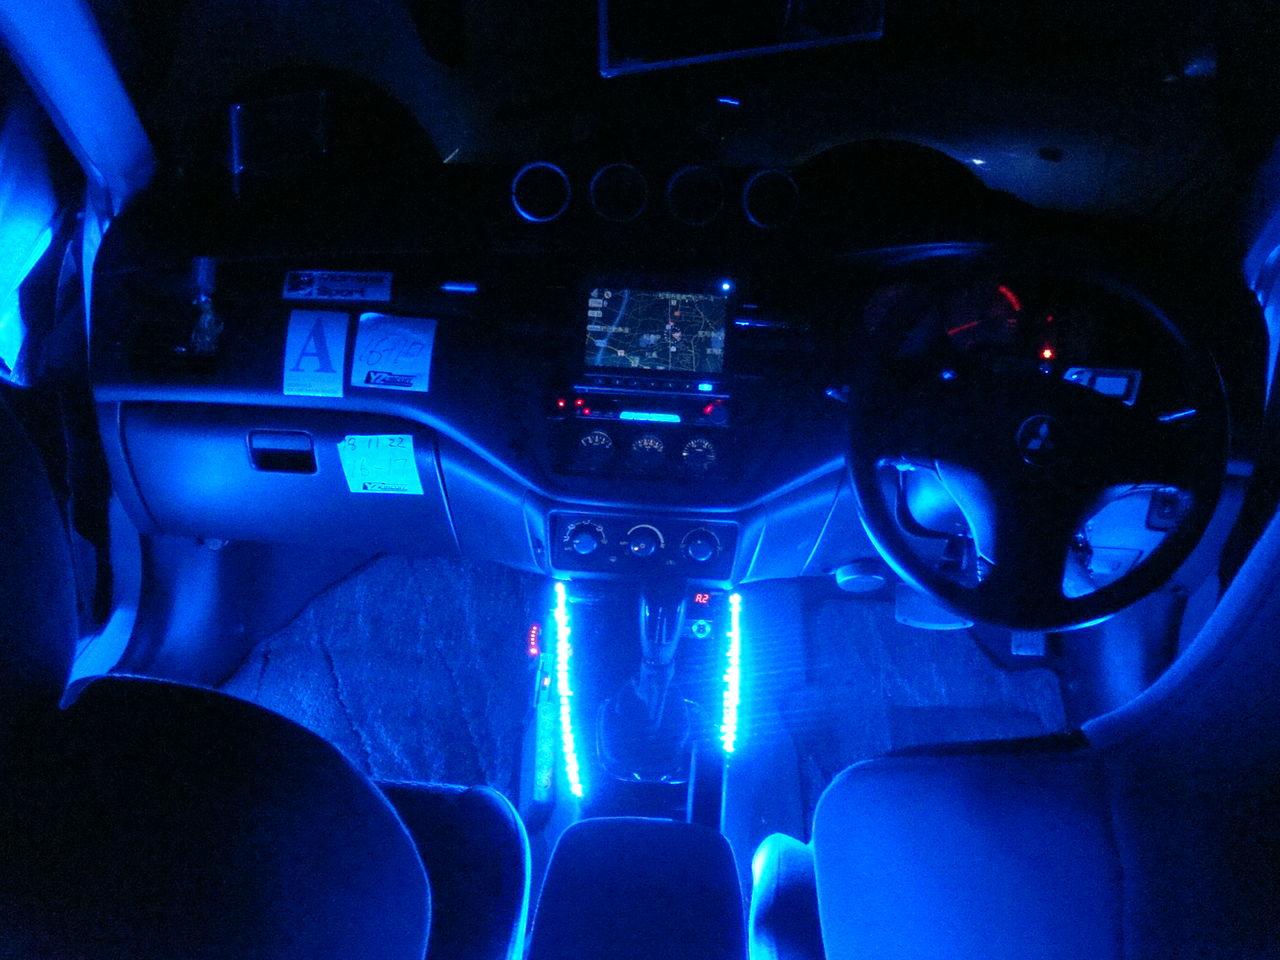 恋人との夜のドライブに最適!車内のイルミネーションを調査!のサムネイル画像